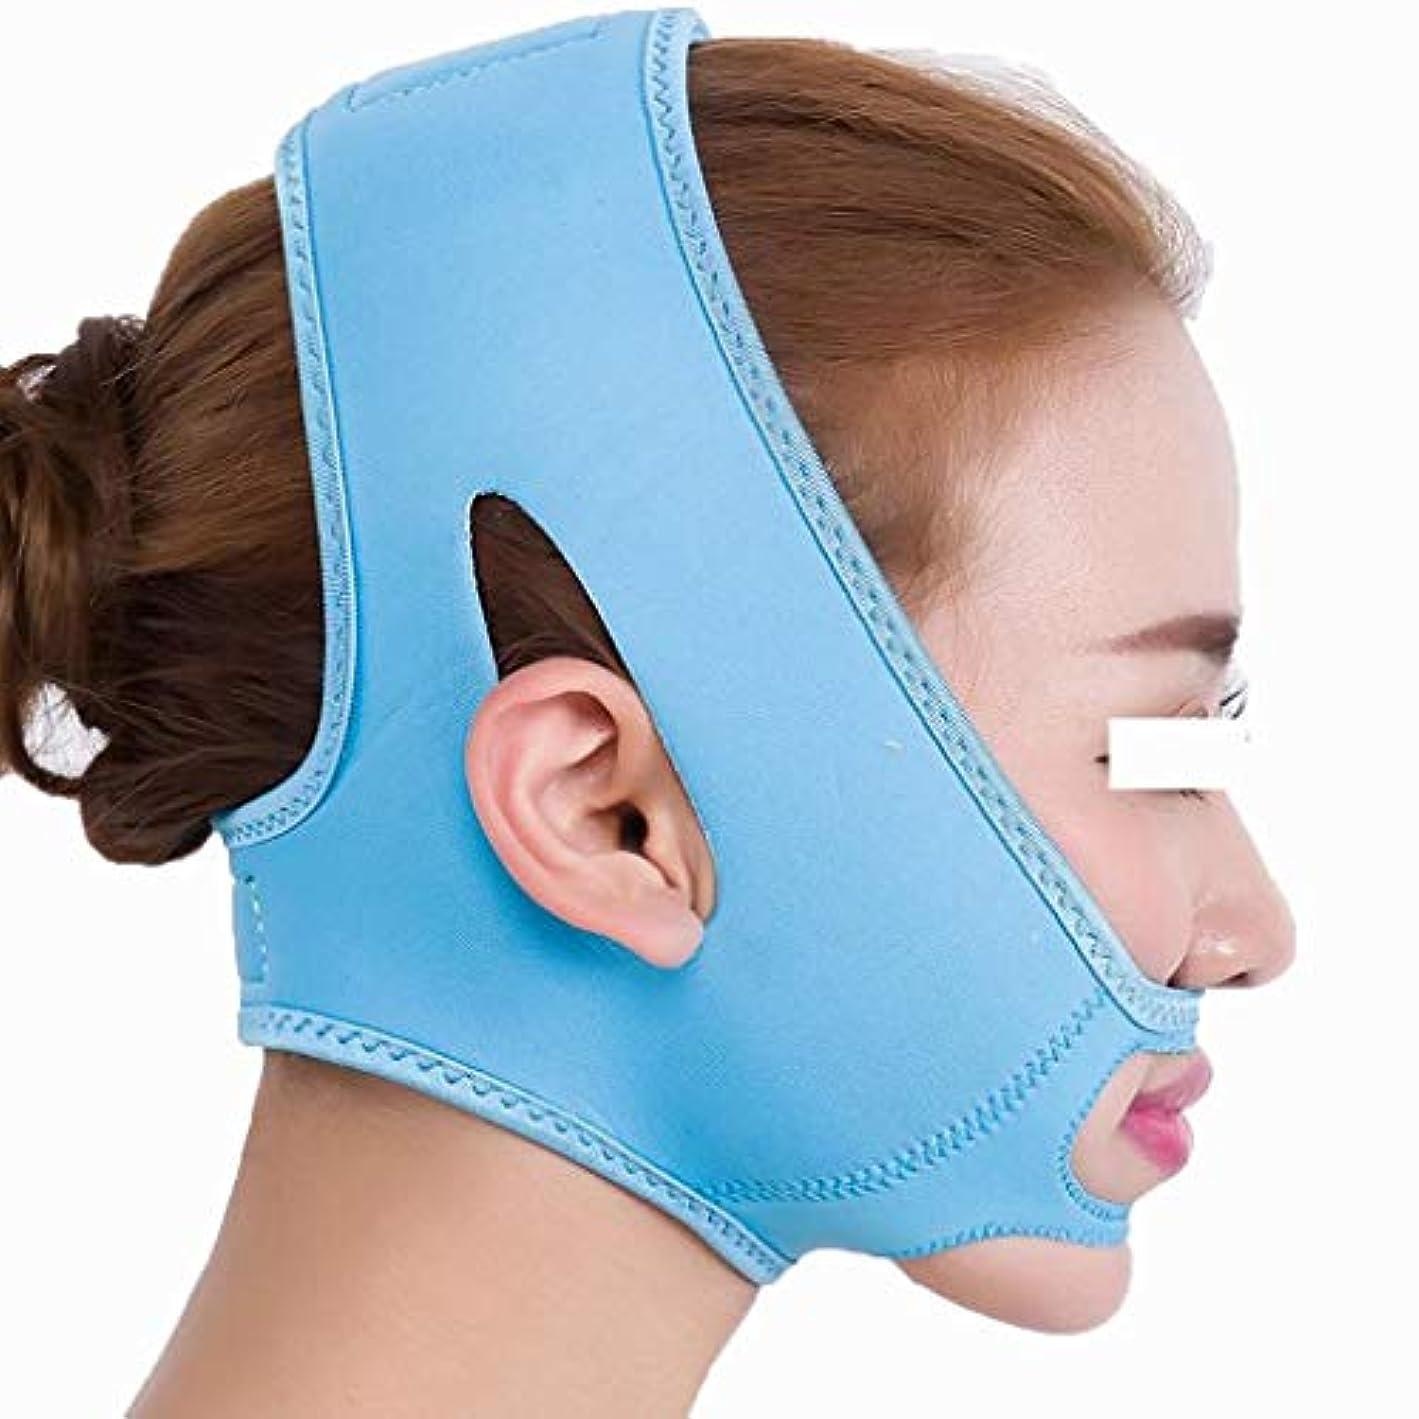 保有者人類モート人気のスリープフェイスマスク - 包帯のマッサージ師のあごvフェイスクローズフェイスリフトフェイスマスク